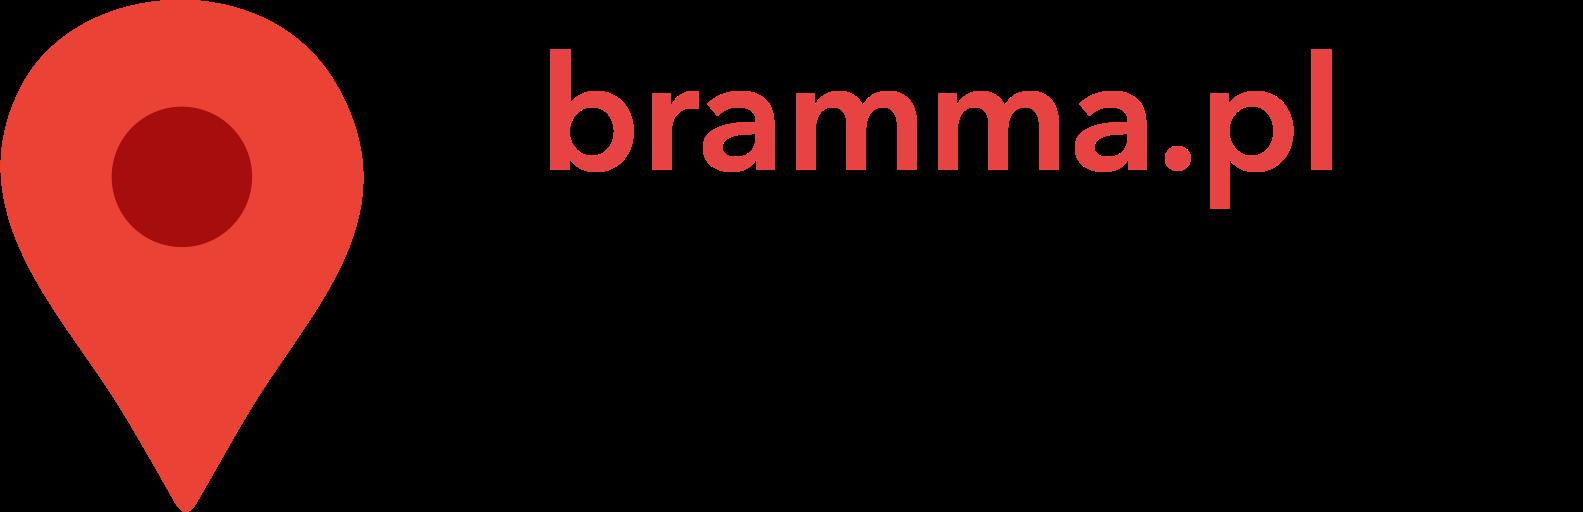 Noclegi, turystyka i atrakcje w Lublinie | bramma.pl